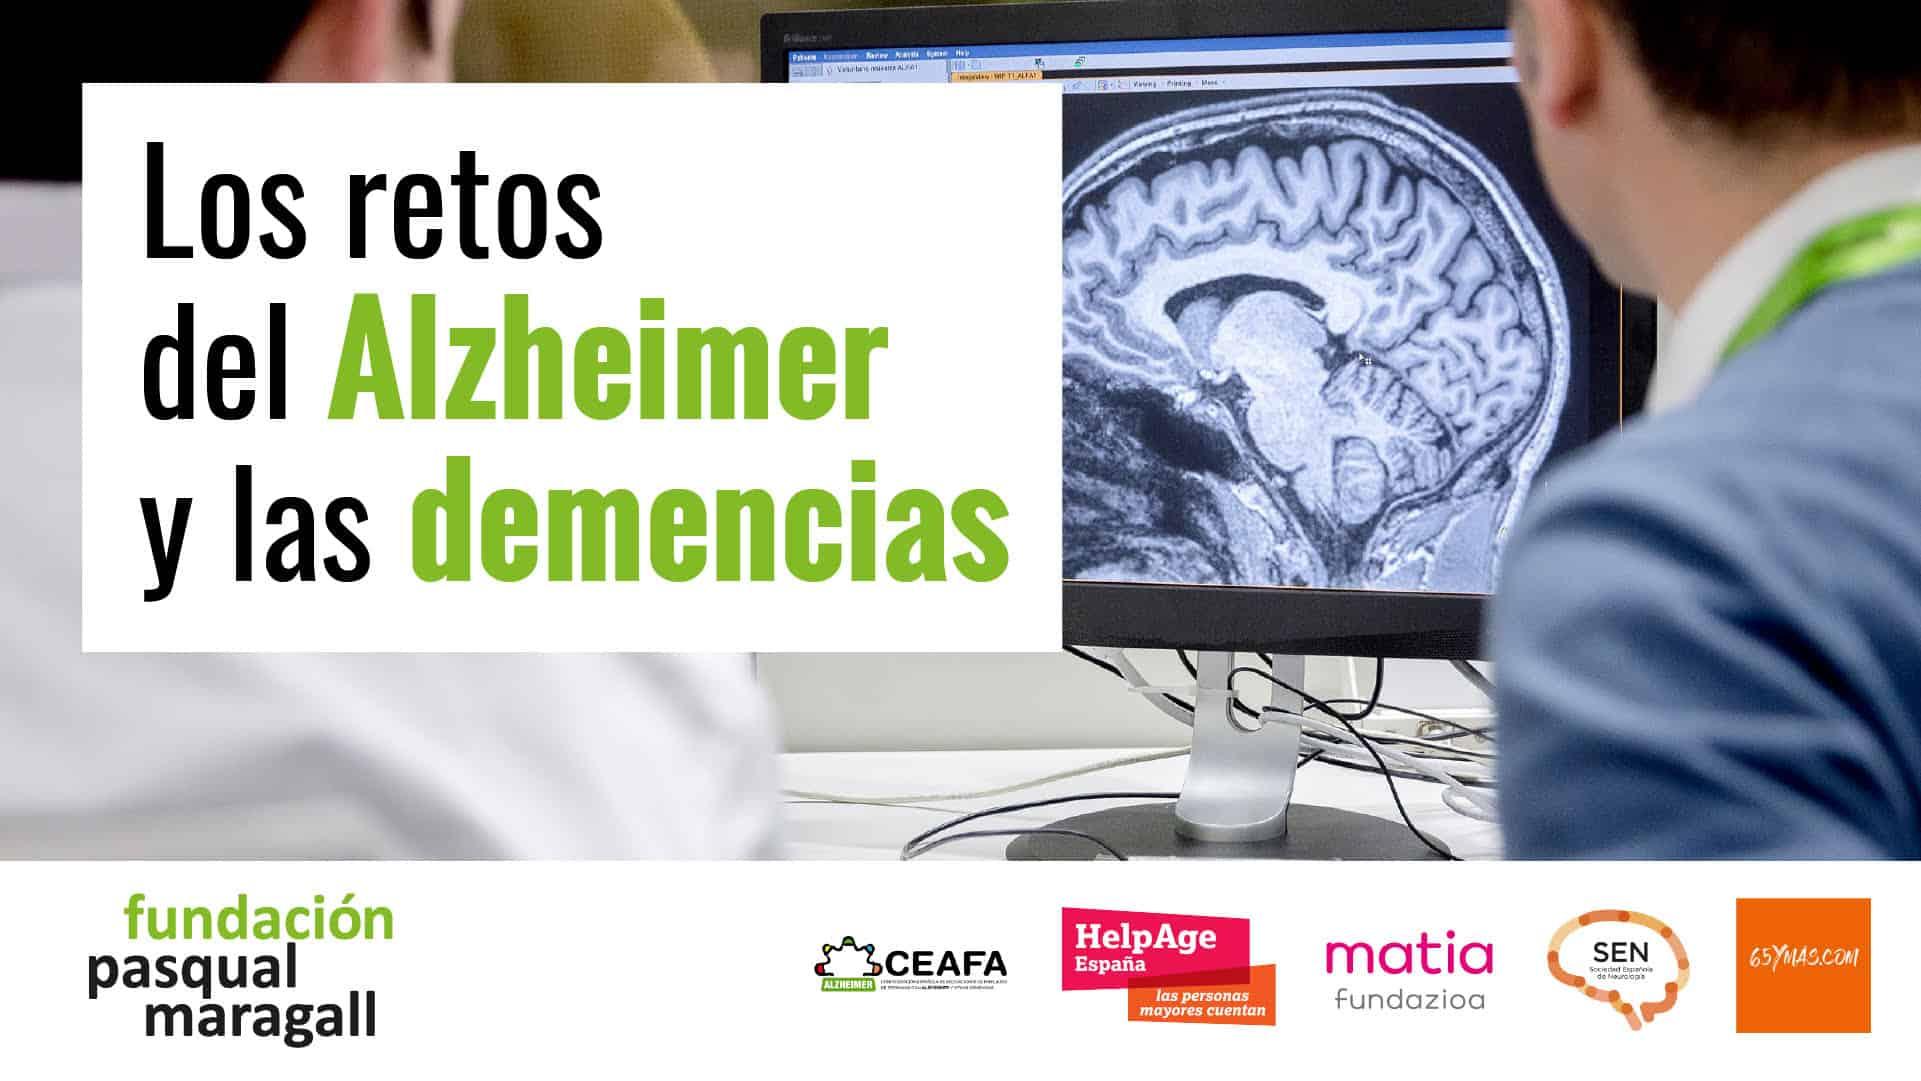 El reto del Alzheimer y las demencias